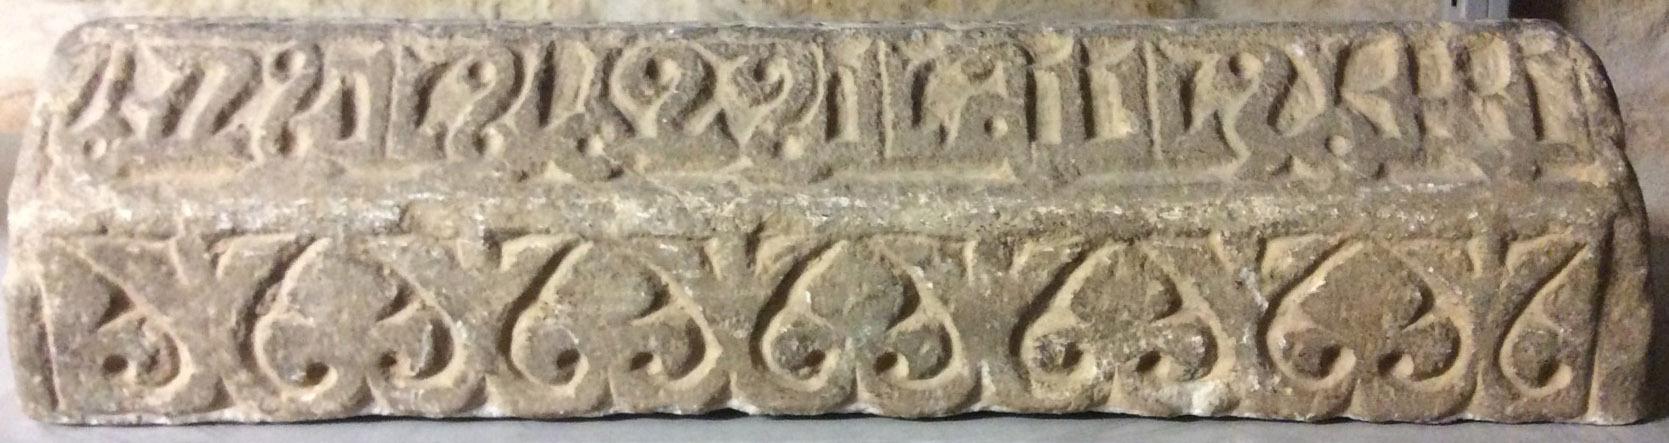 Grabsteinfragment mit Kufinschrift